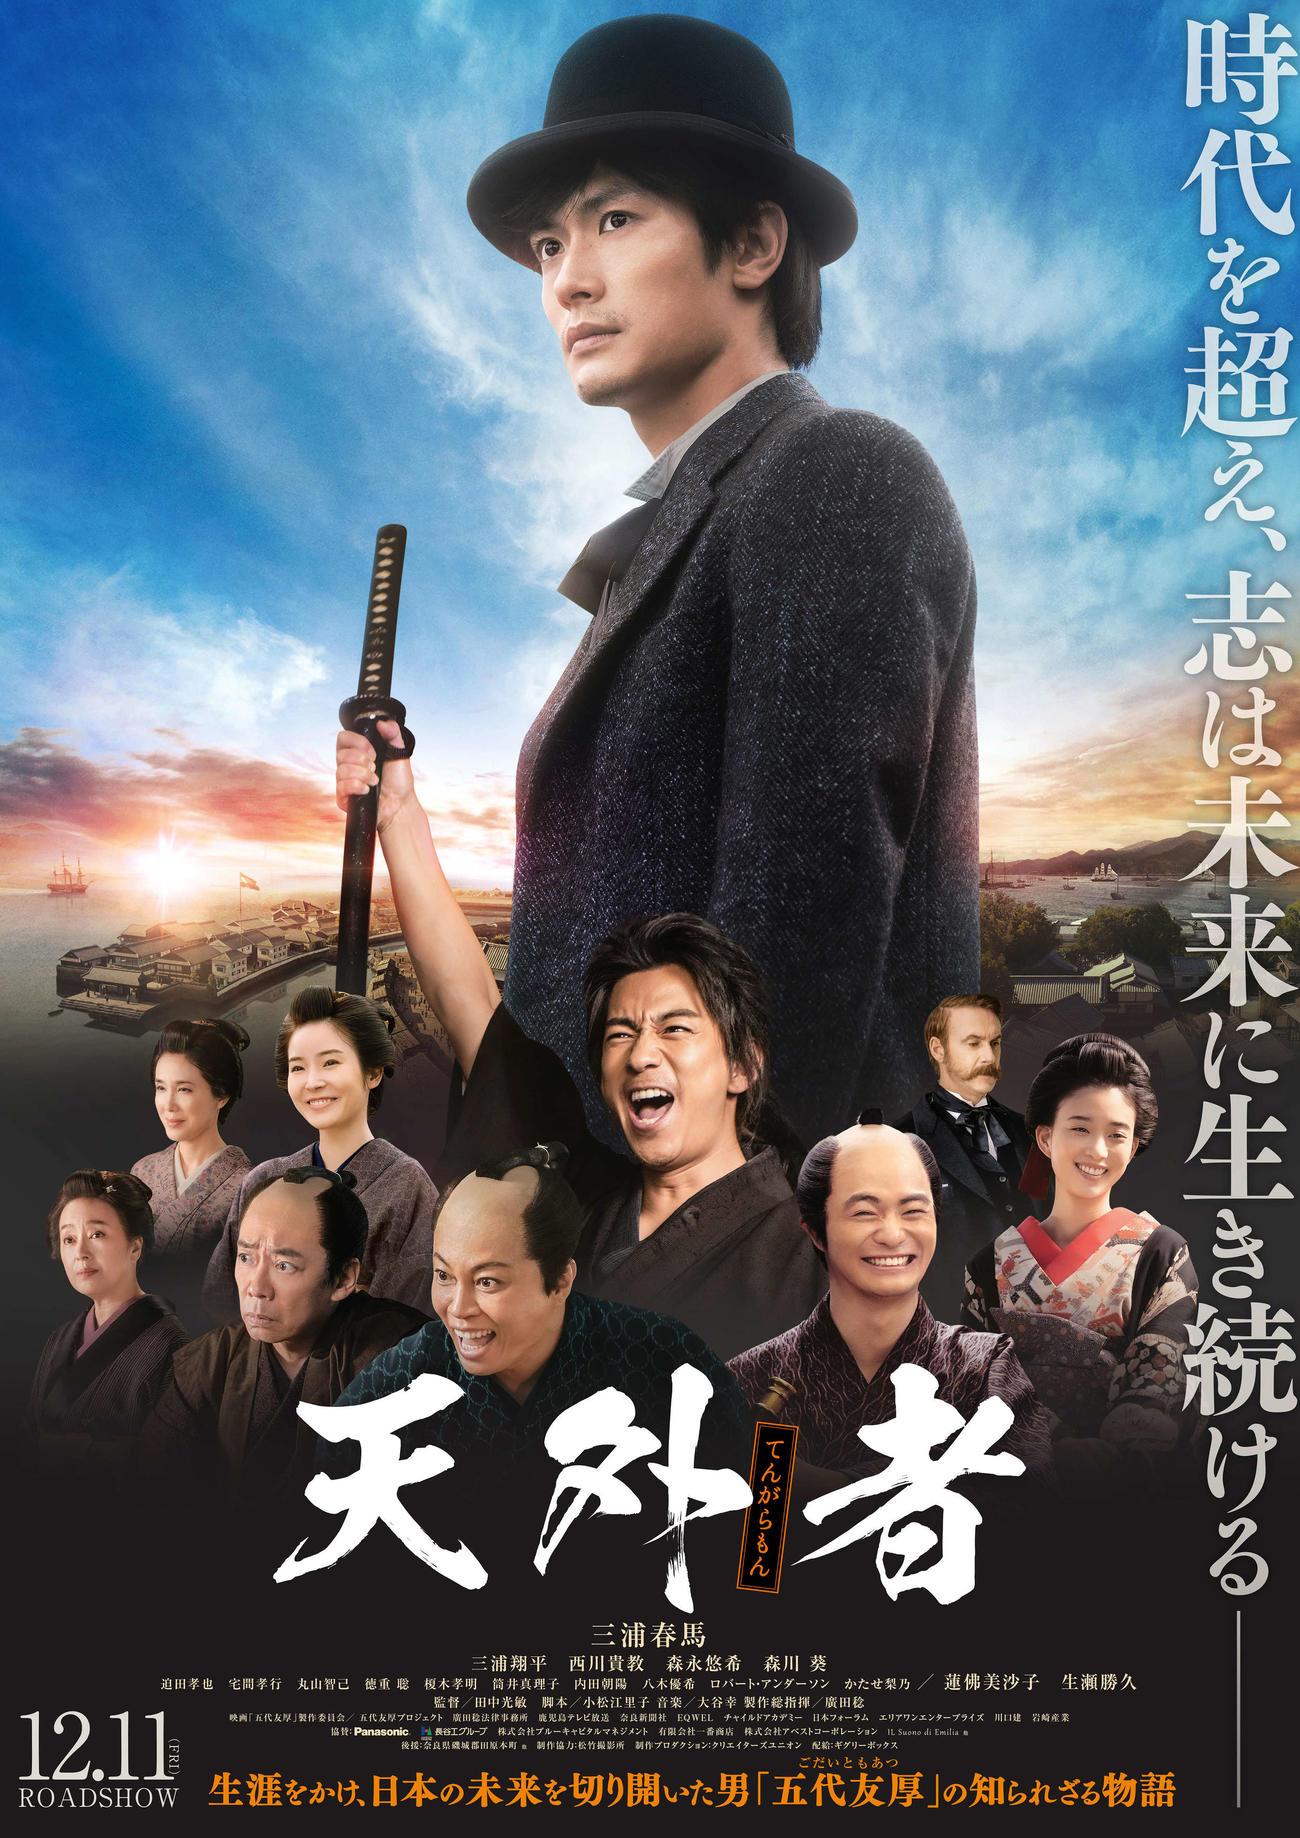 三浦春馬さんの主演映画「天外者」のポスター